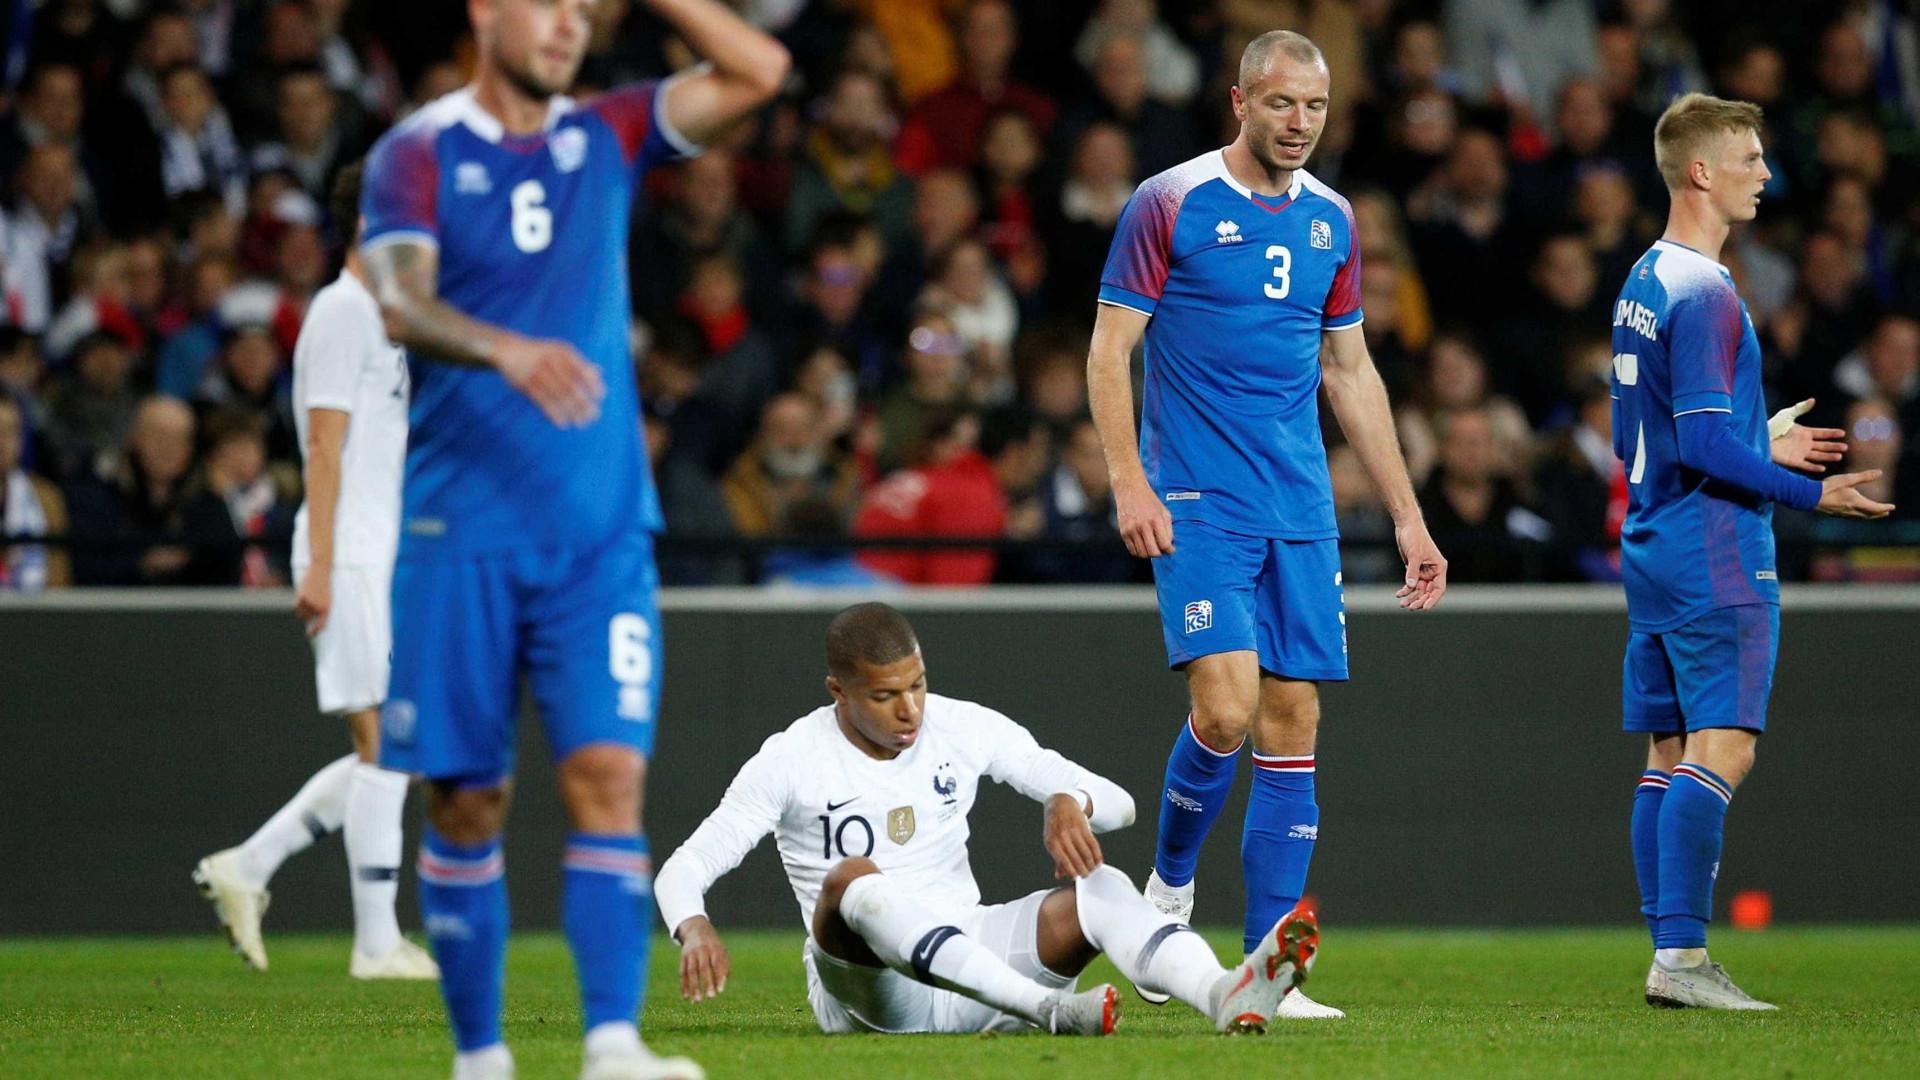 Com liga parada pela neve, Islândia vive dias difíceis após a Copa